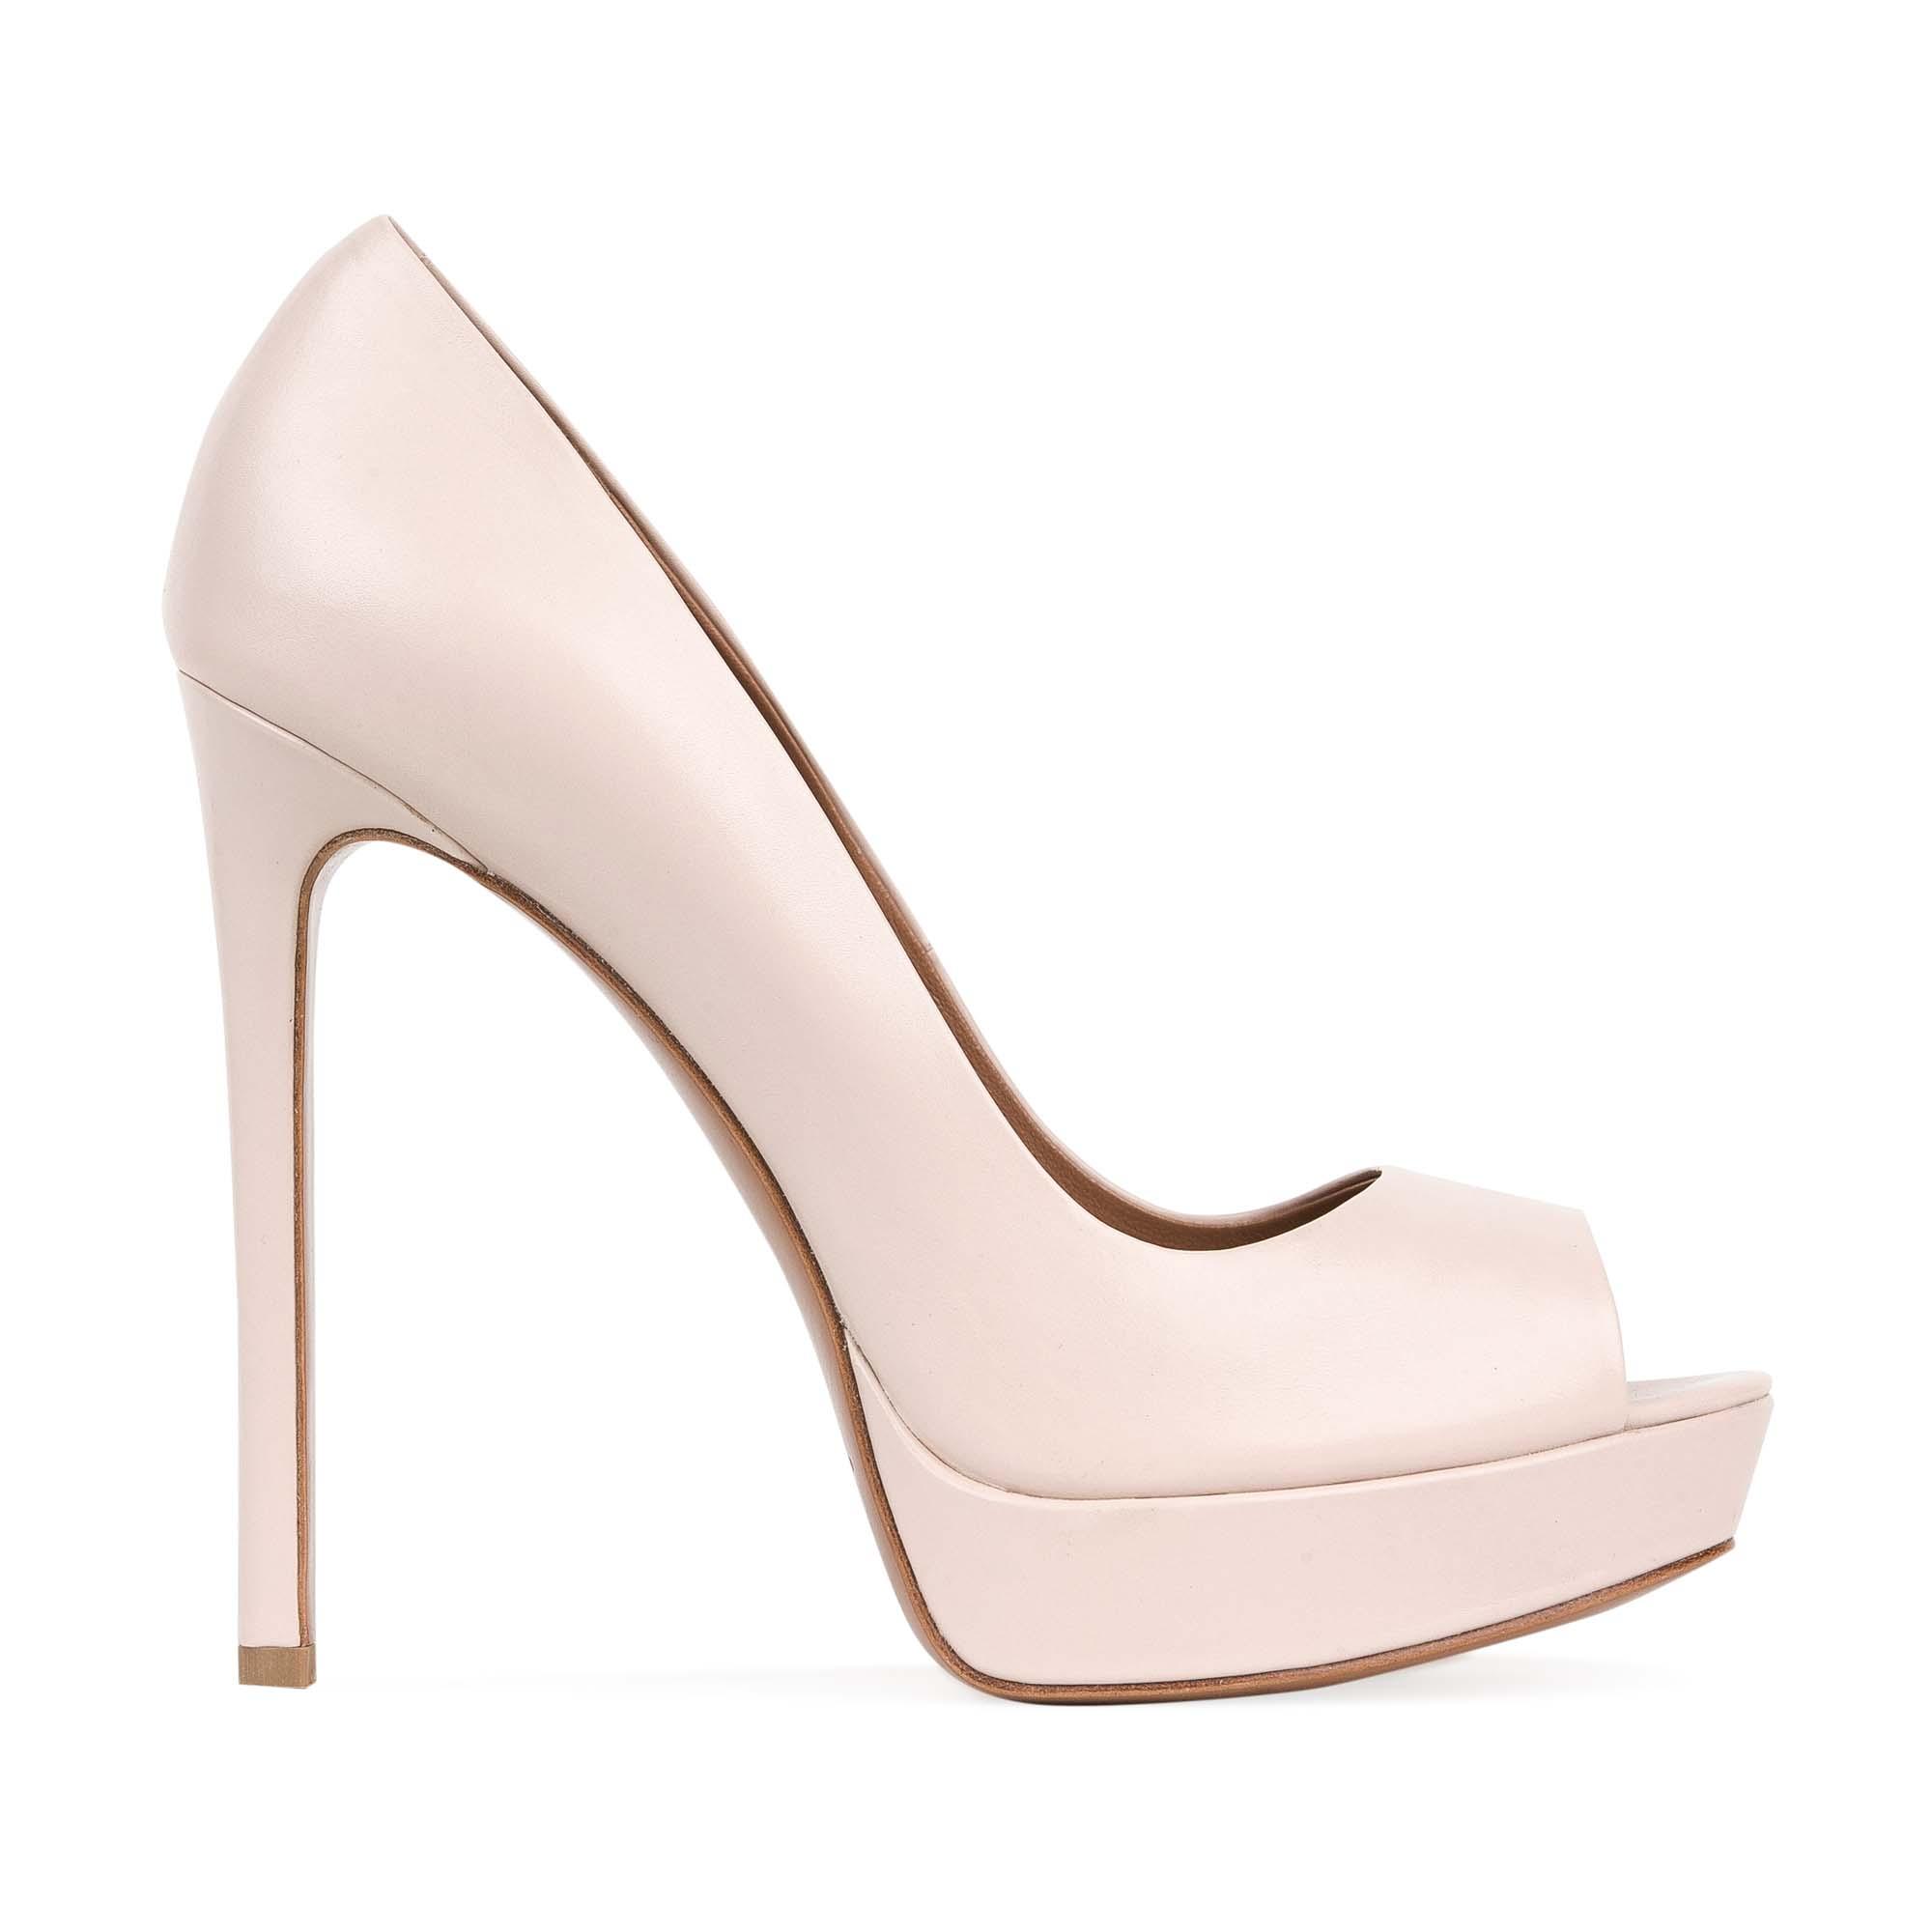 Туфли из кожи сливочного цвета на высоком каблуке